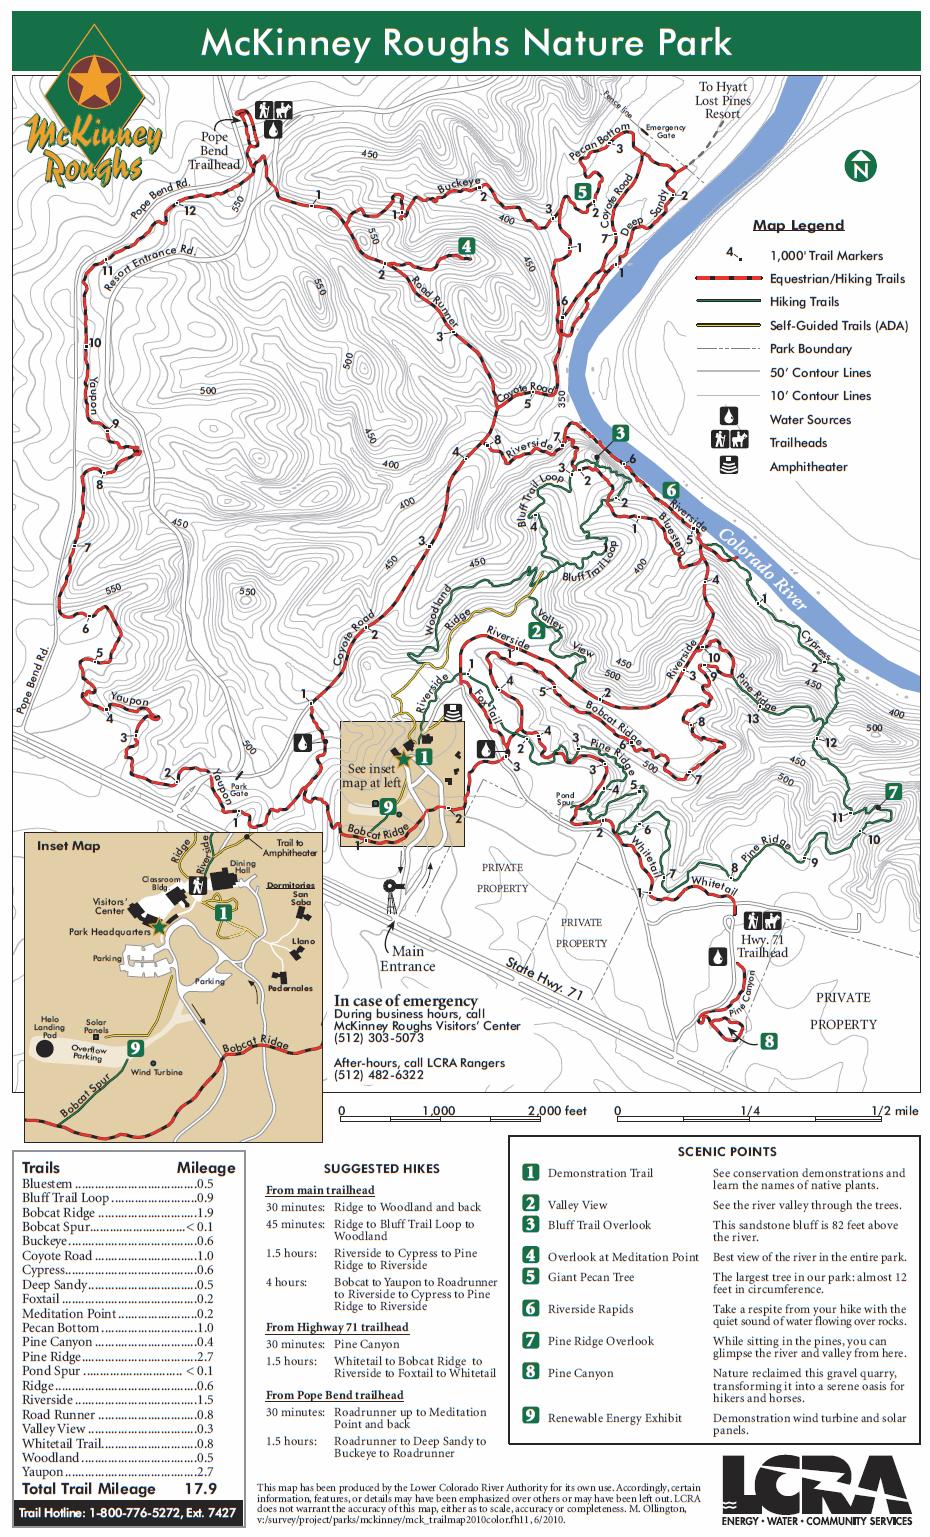 McKinney Roughs Nature Park, Cedar Creek TX